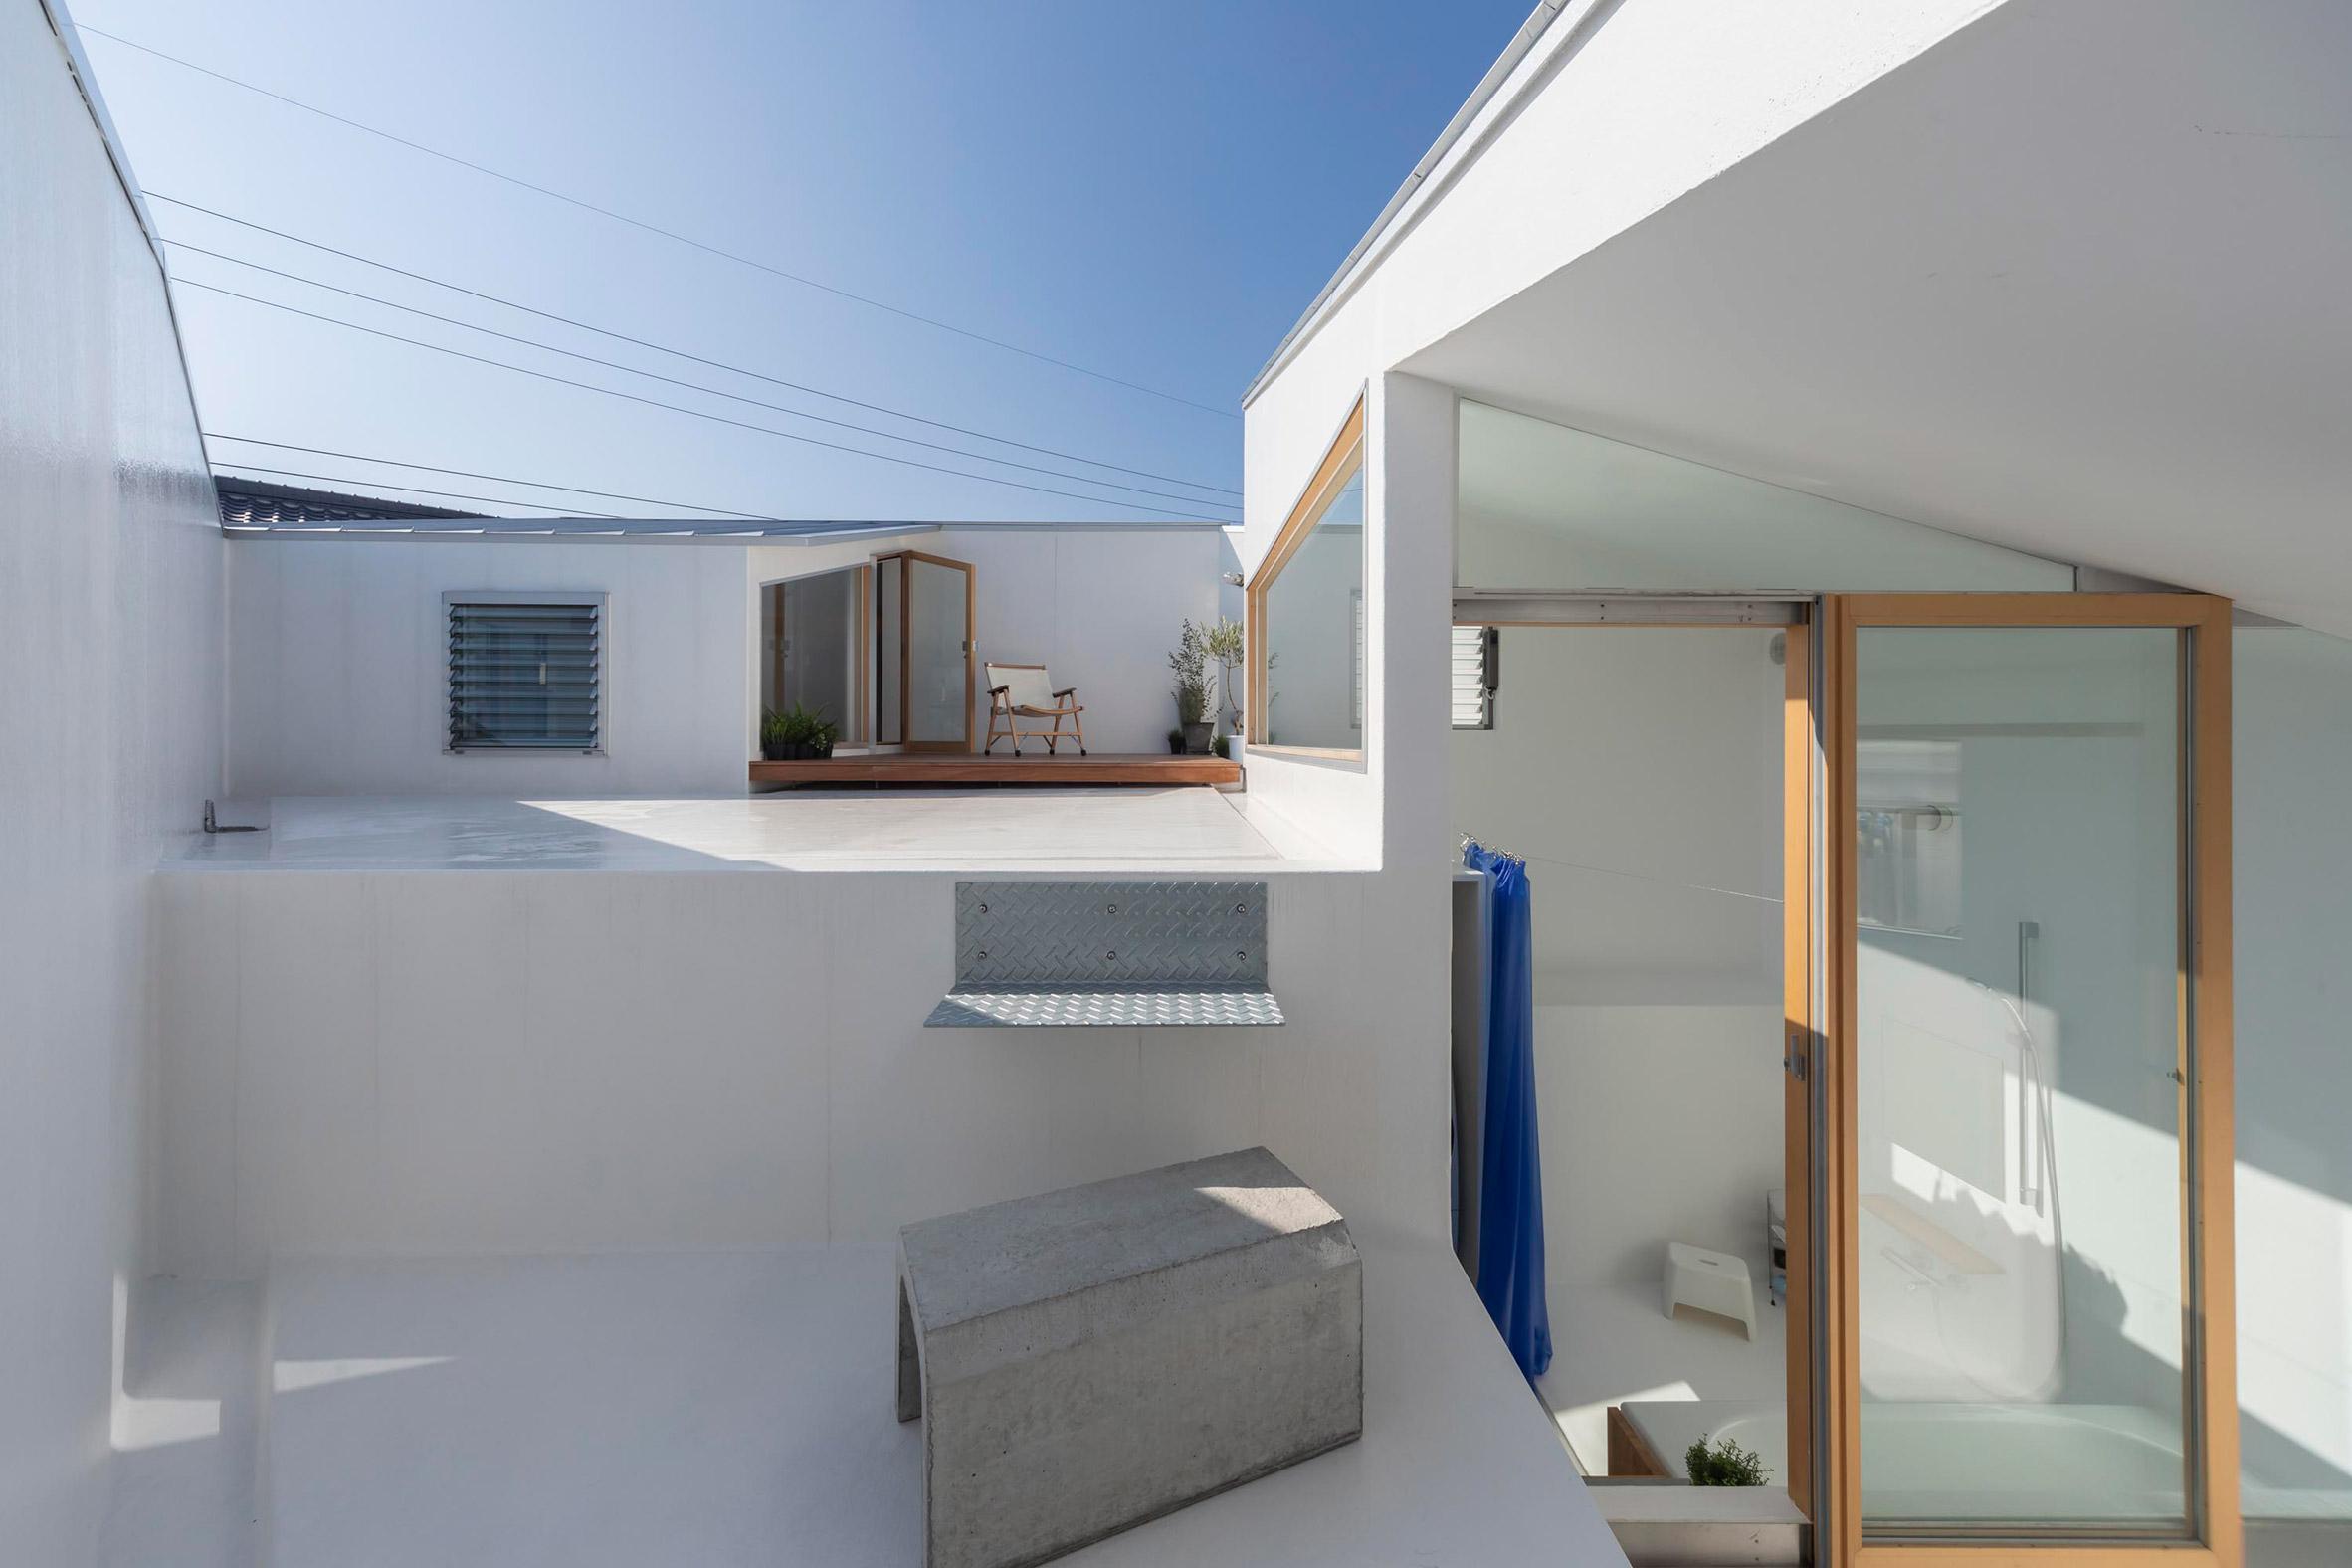 Thiết kế nội thất căn hộ nhỏ 7